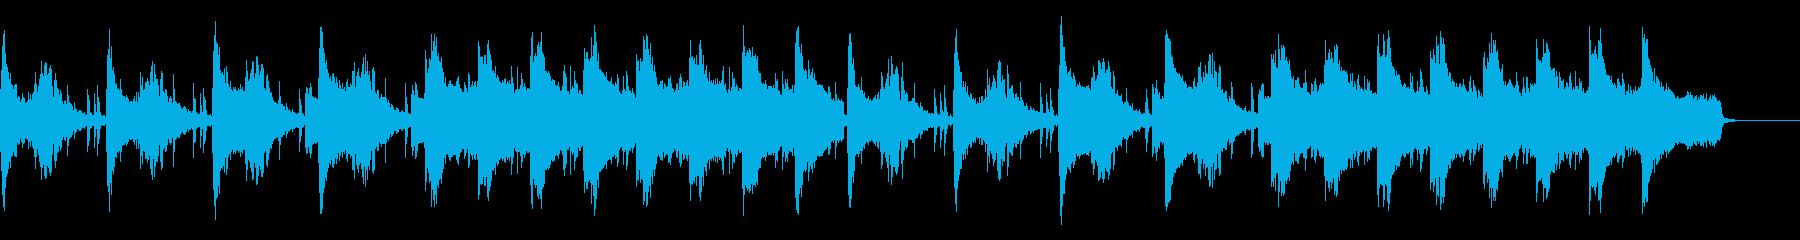 不穏なシーン用 ピアノとストリングスの再生済みの波形